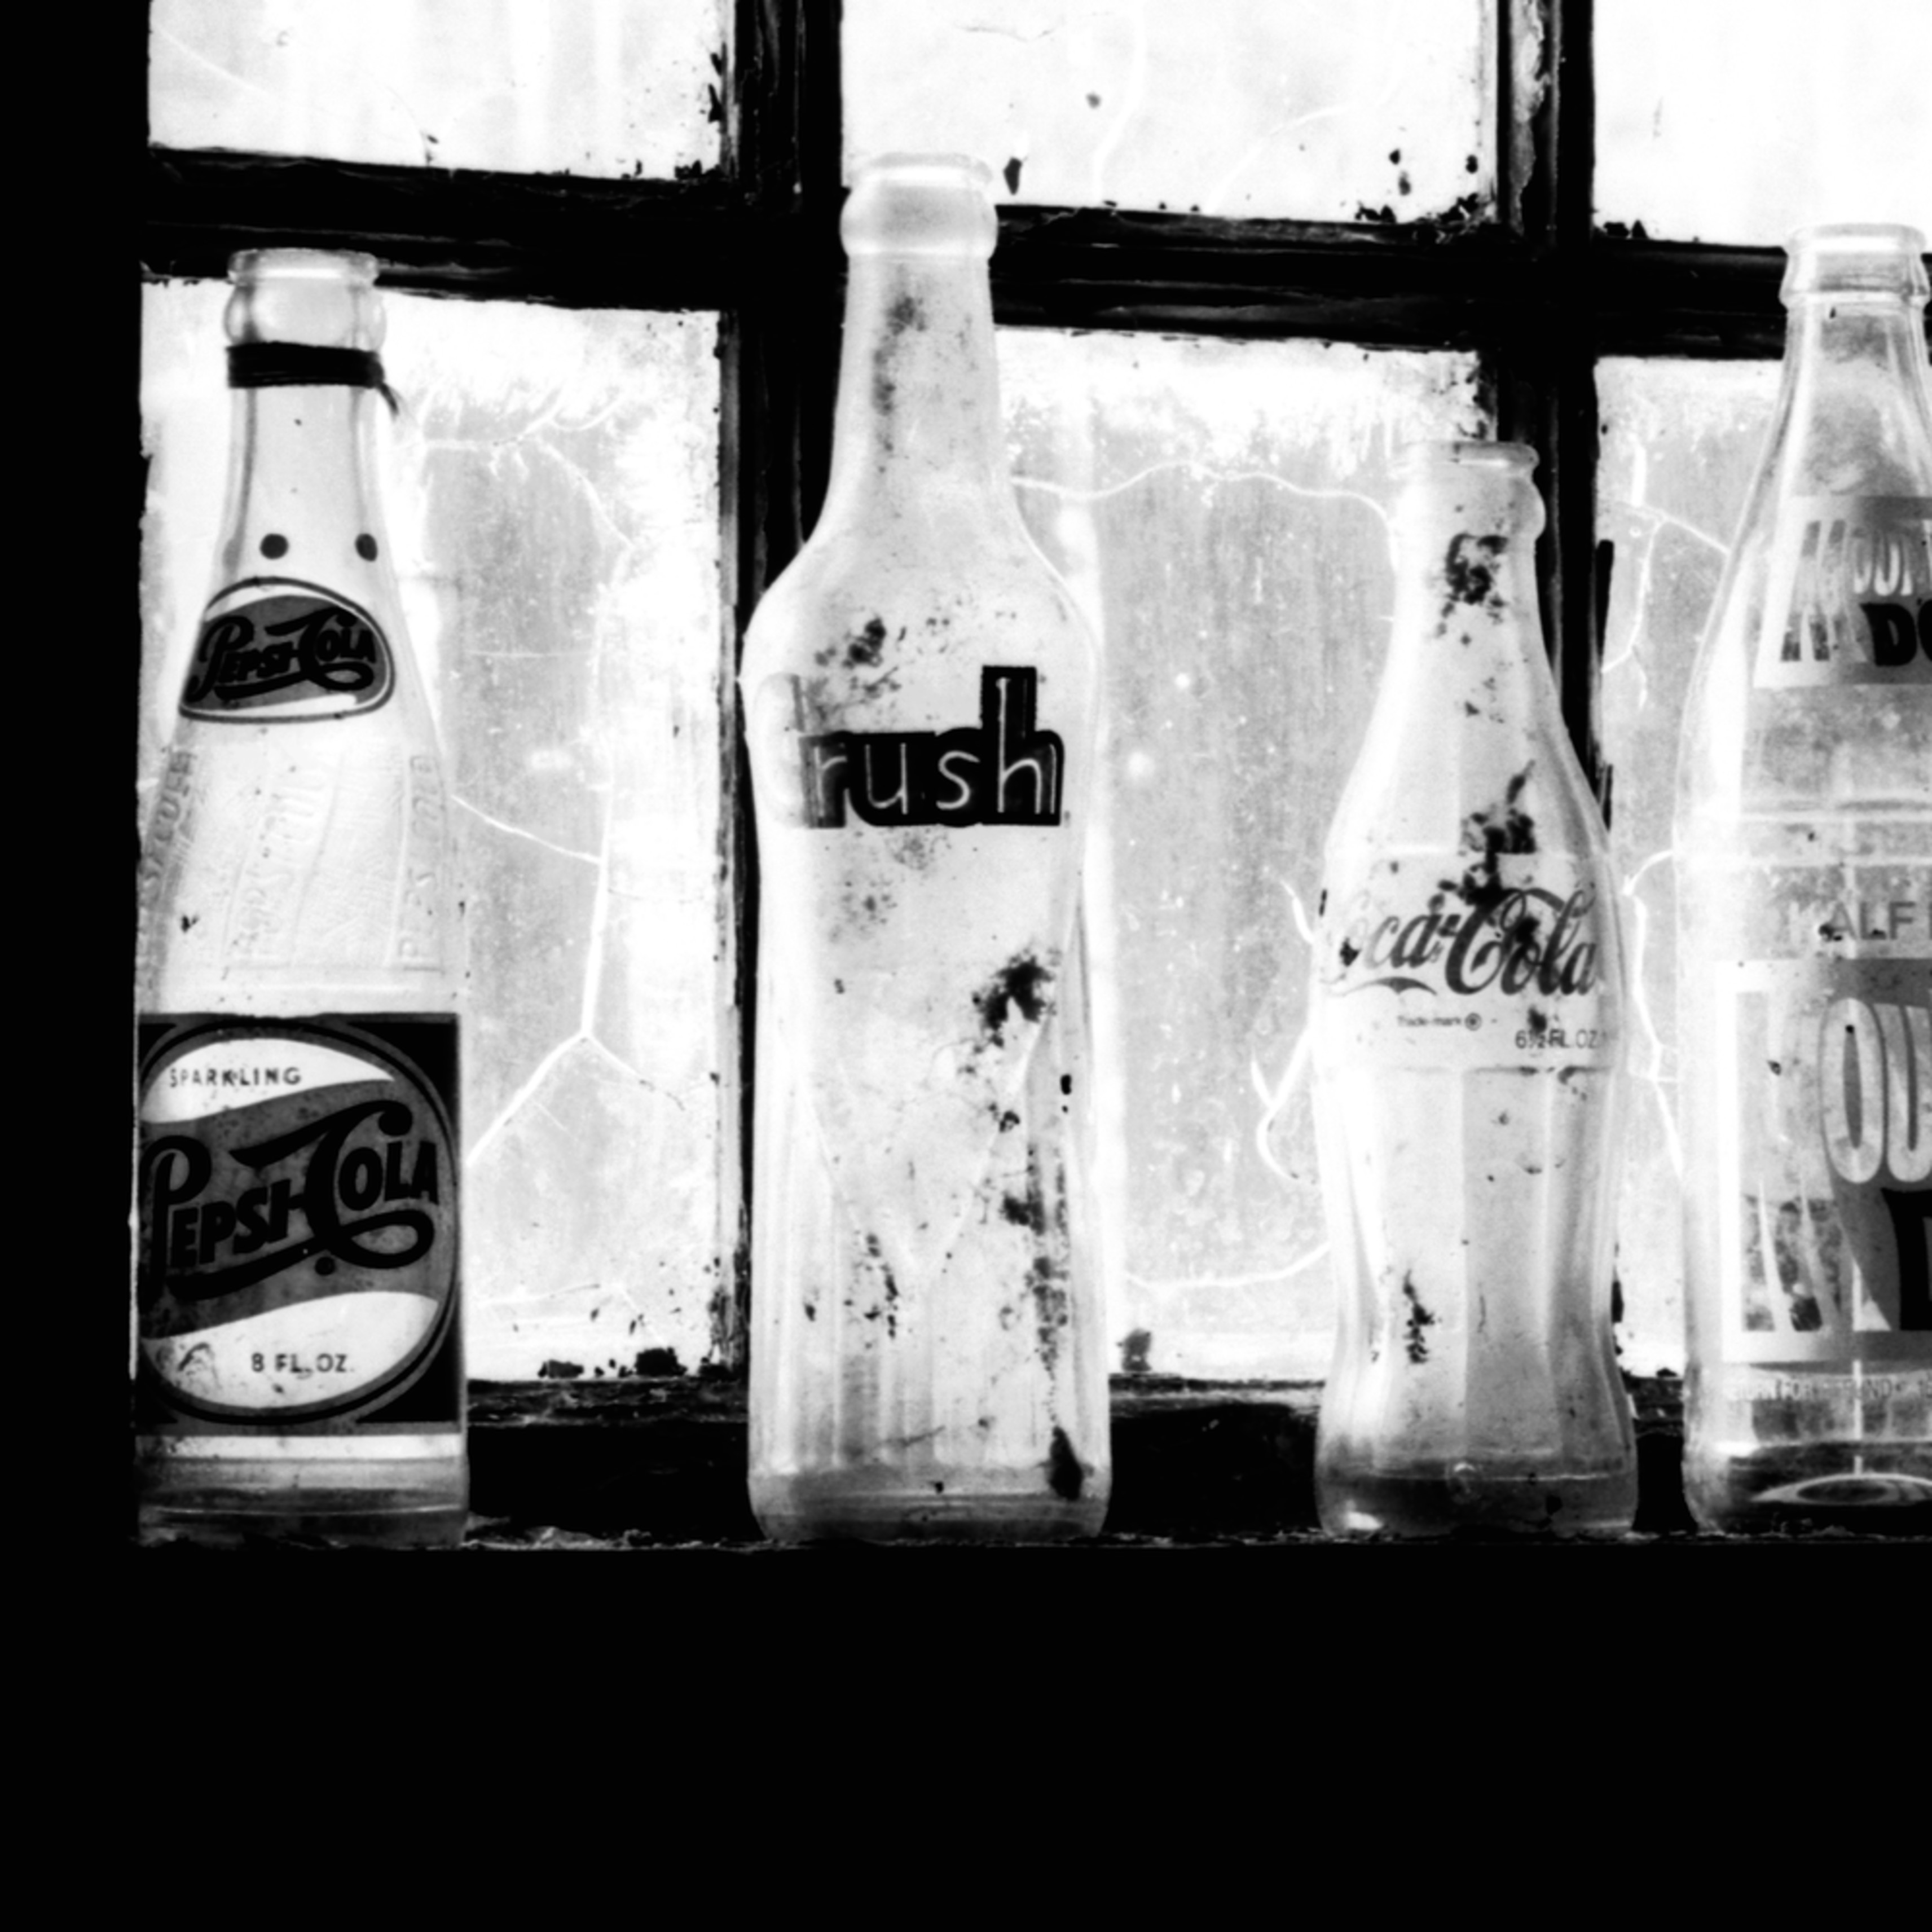 Soda bot scan nfc7l0